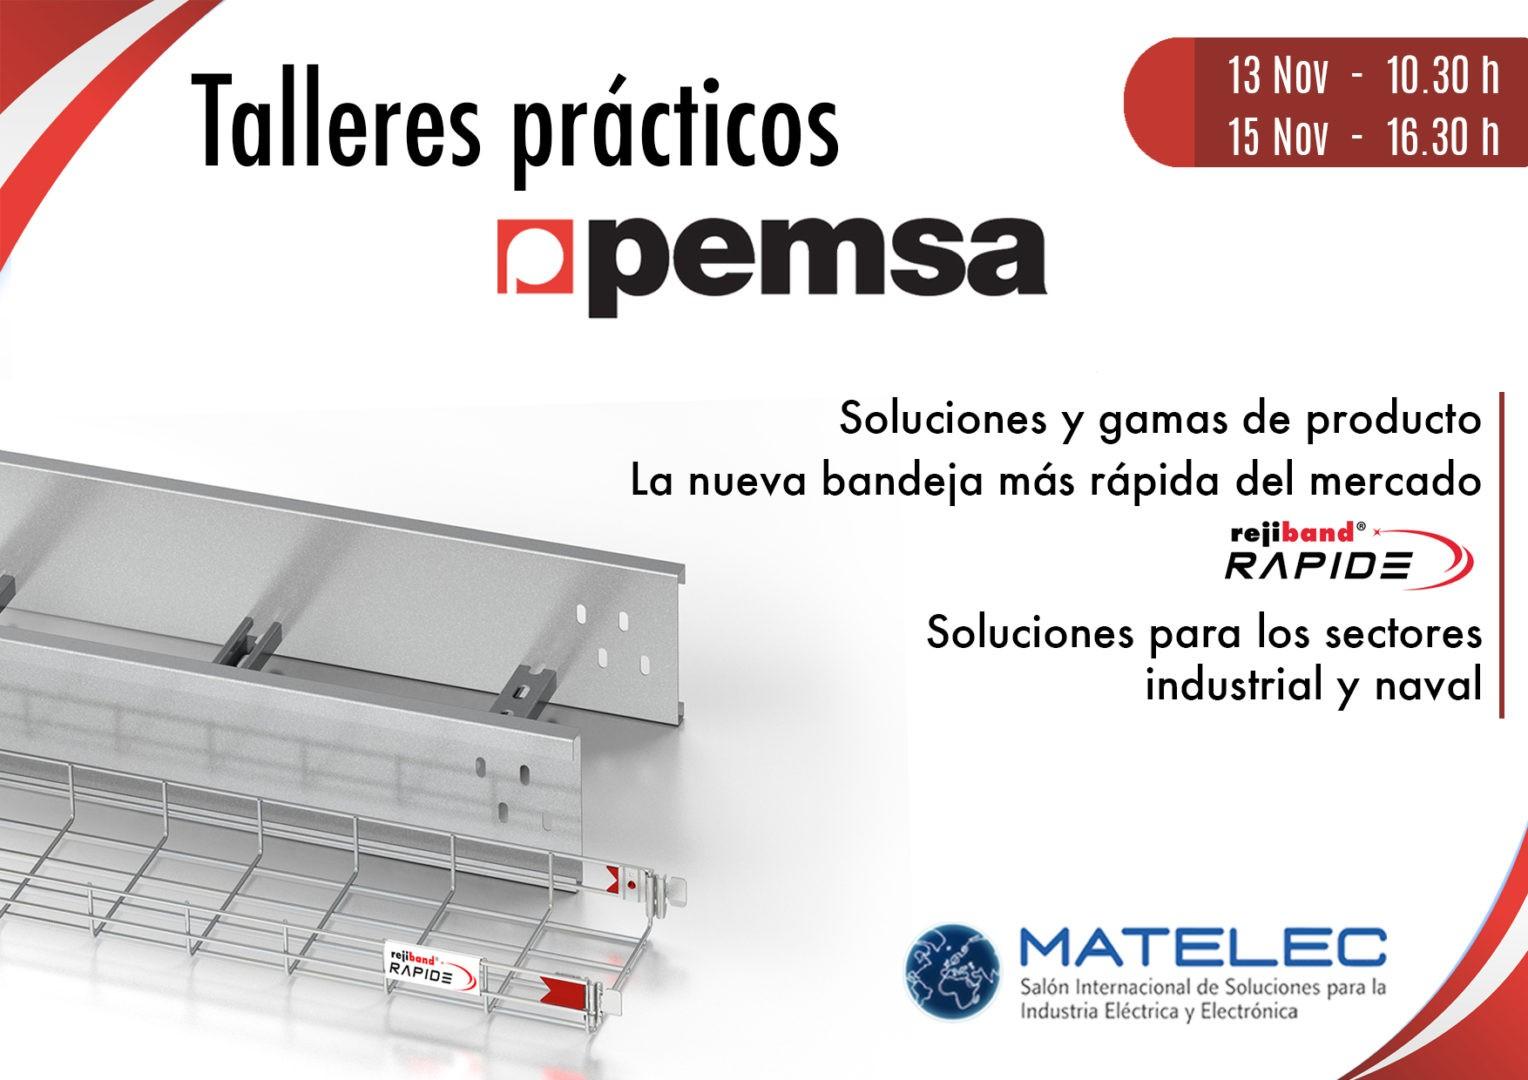 PEMSA ORGANIZA TALLERES PRÁCTICOS EN MATELEC